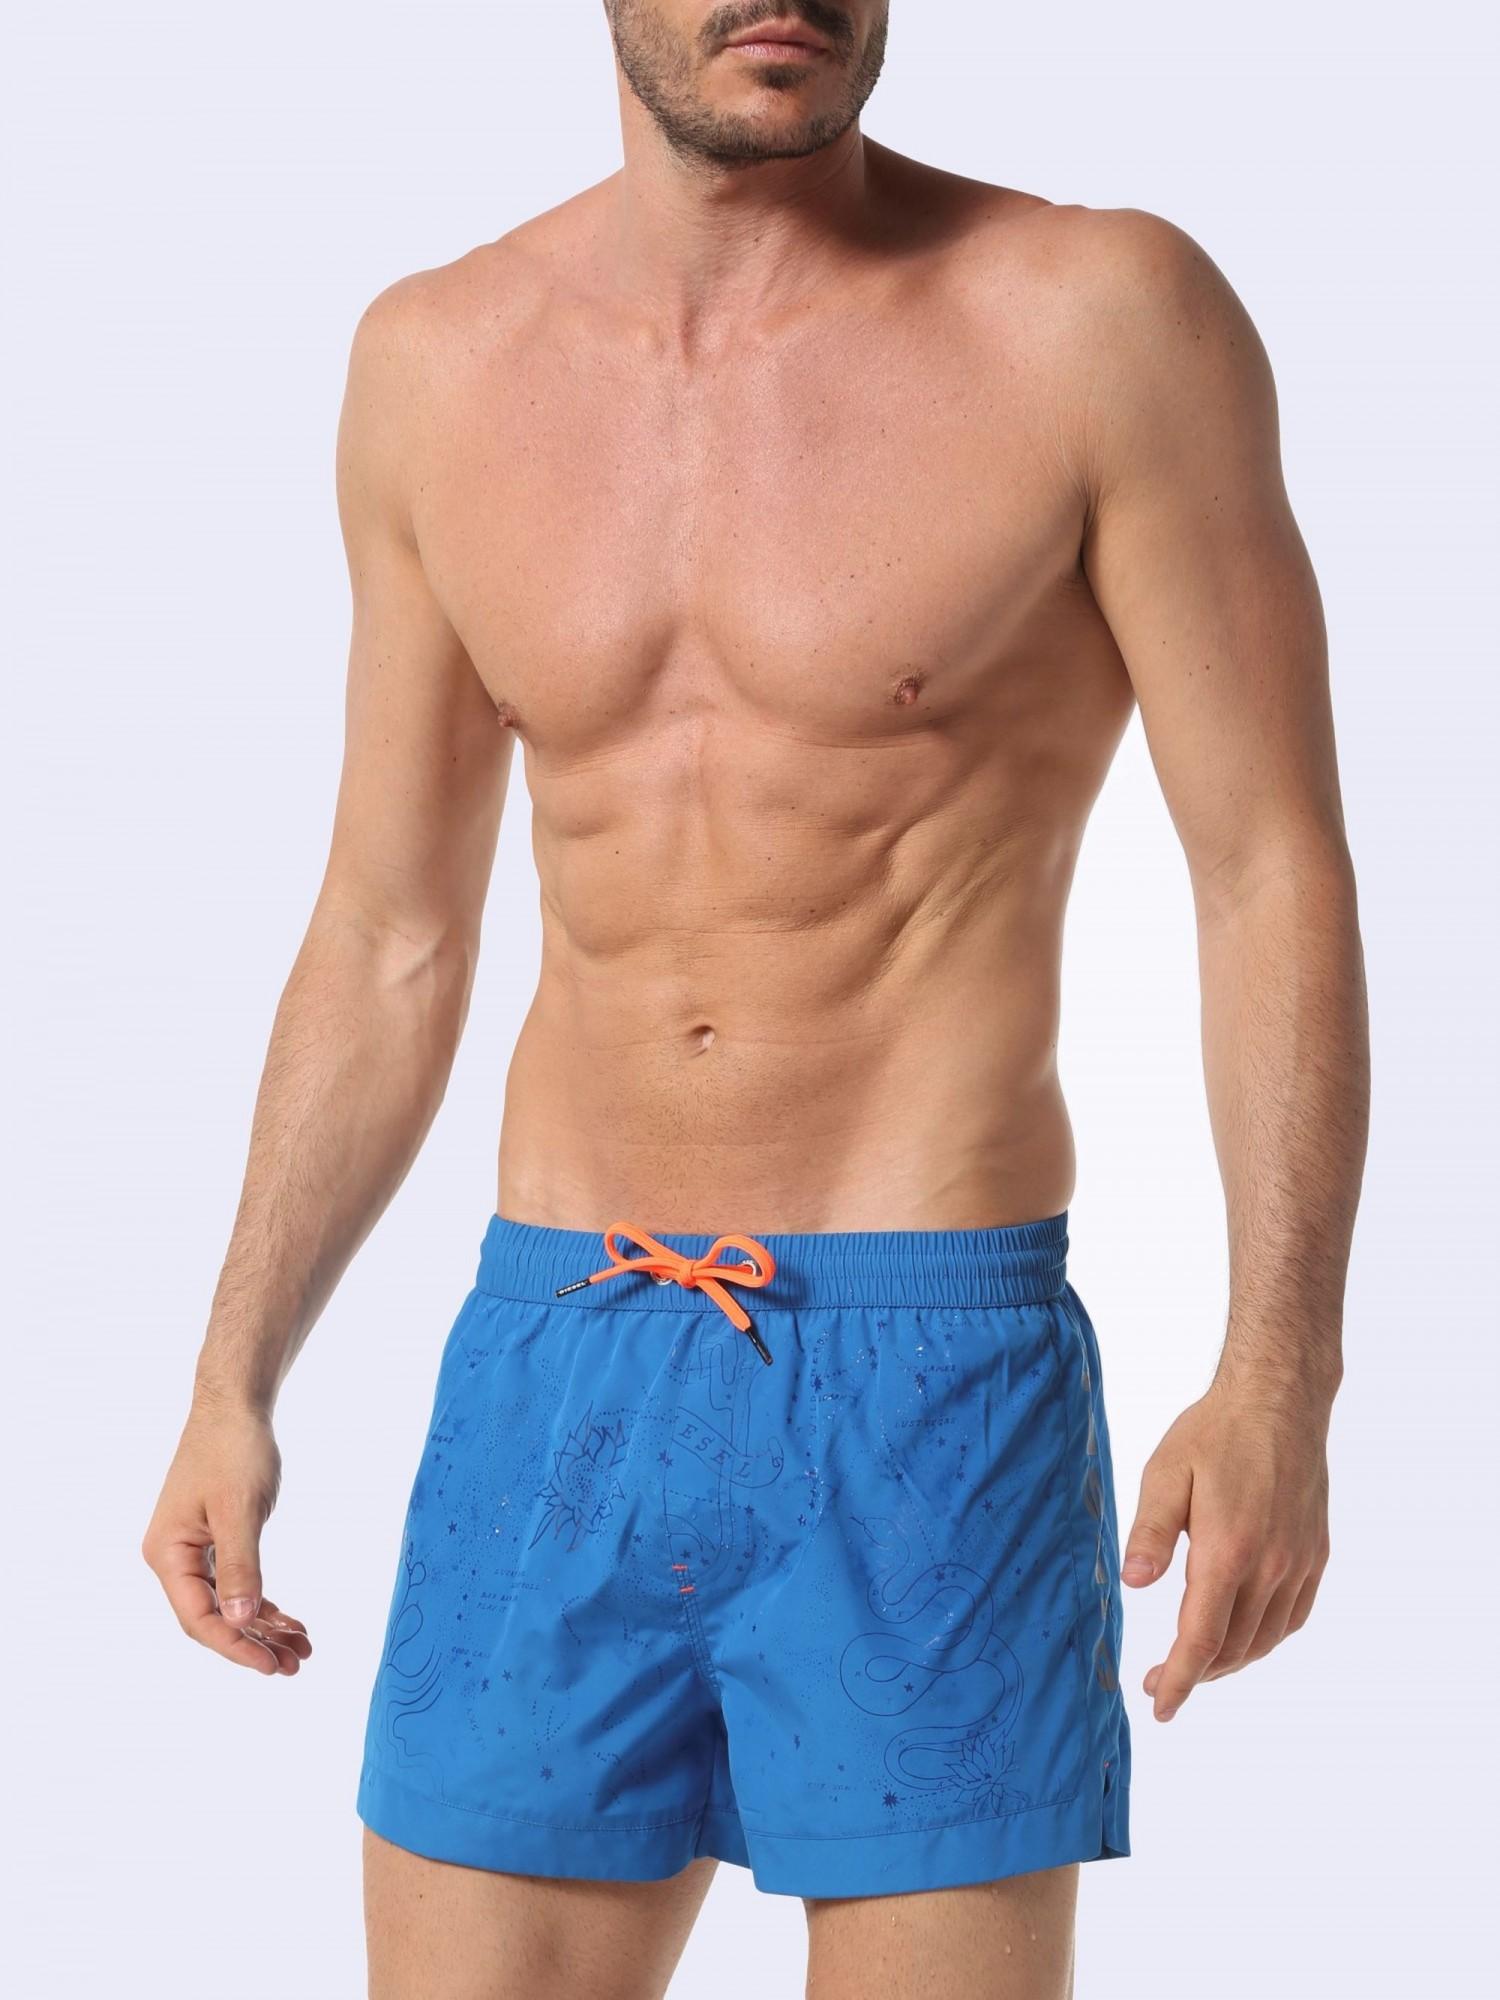 287f0a2290708 BMBX-SANDY-S 2.017 - Blue pattern swim shorts - DIESEL : sale of Ba...